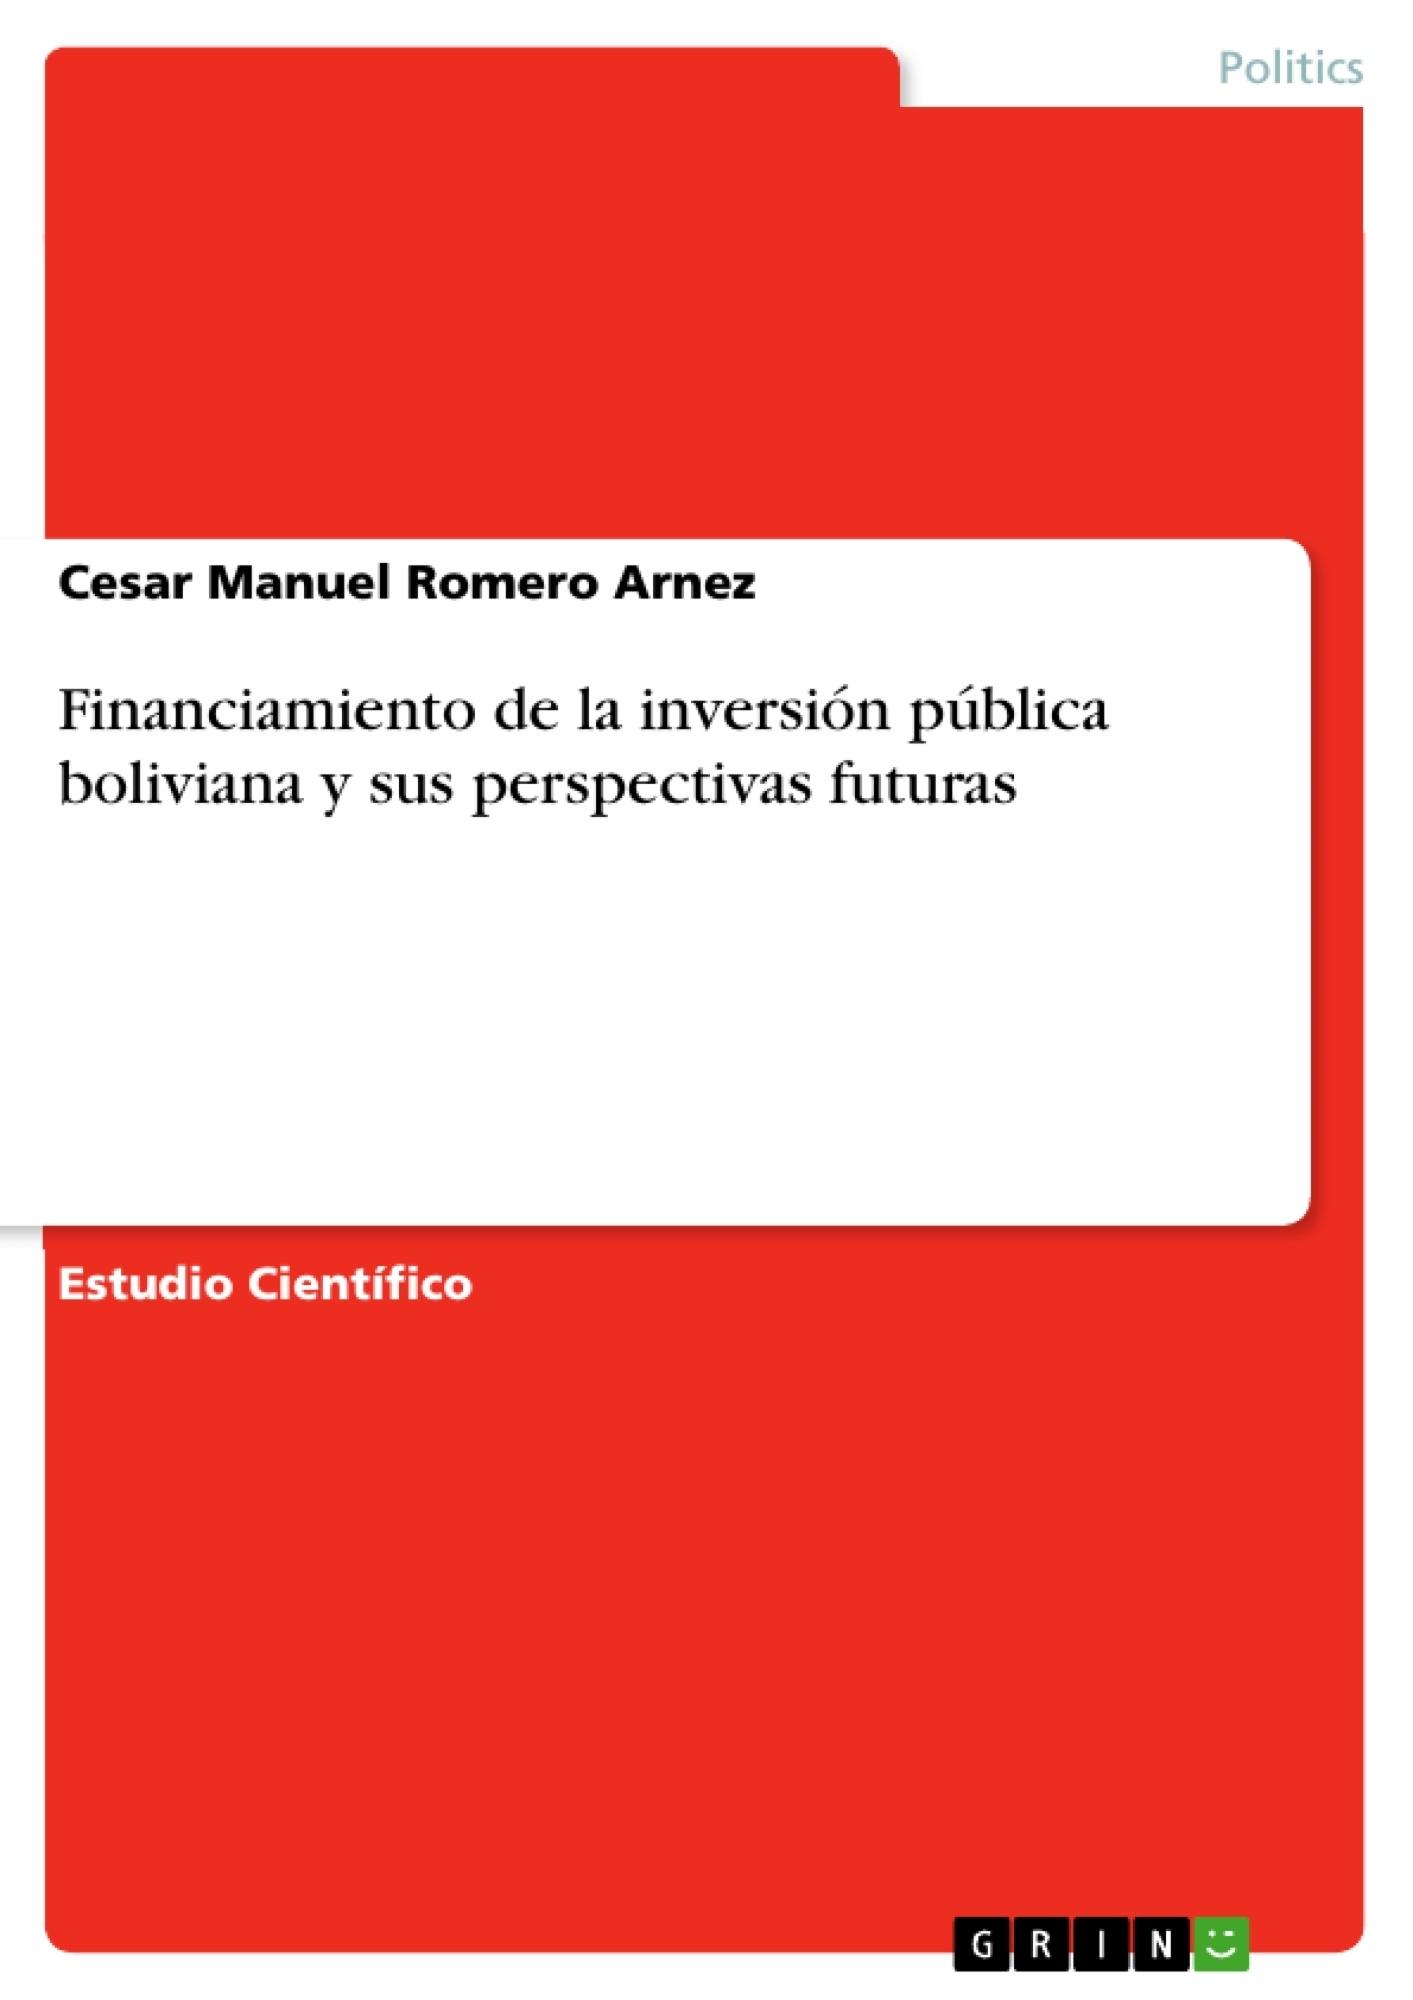 Título: Financiamiento de la inversión pública boliviana y sus perspectivas futuras